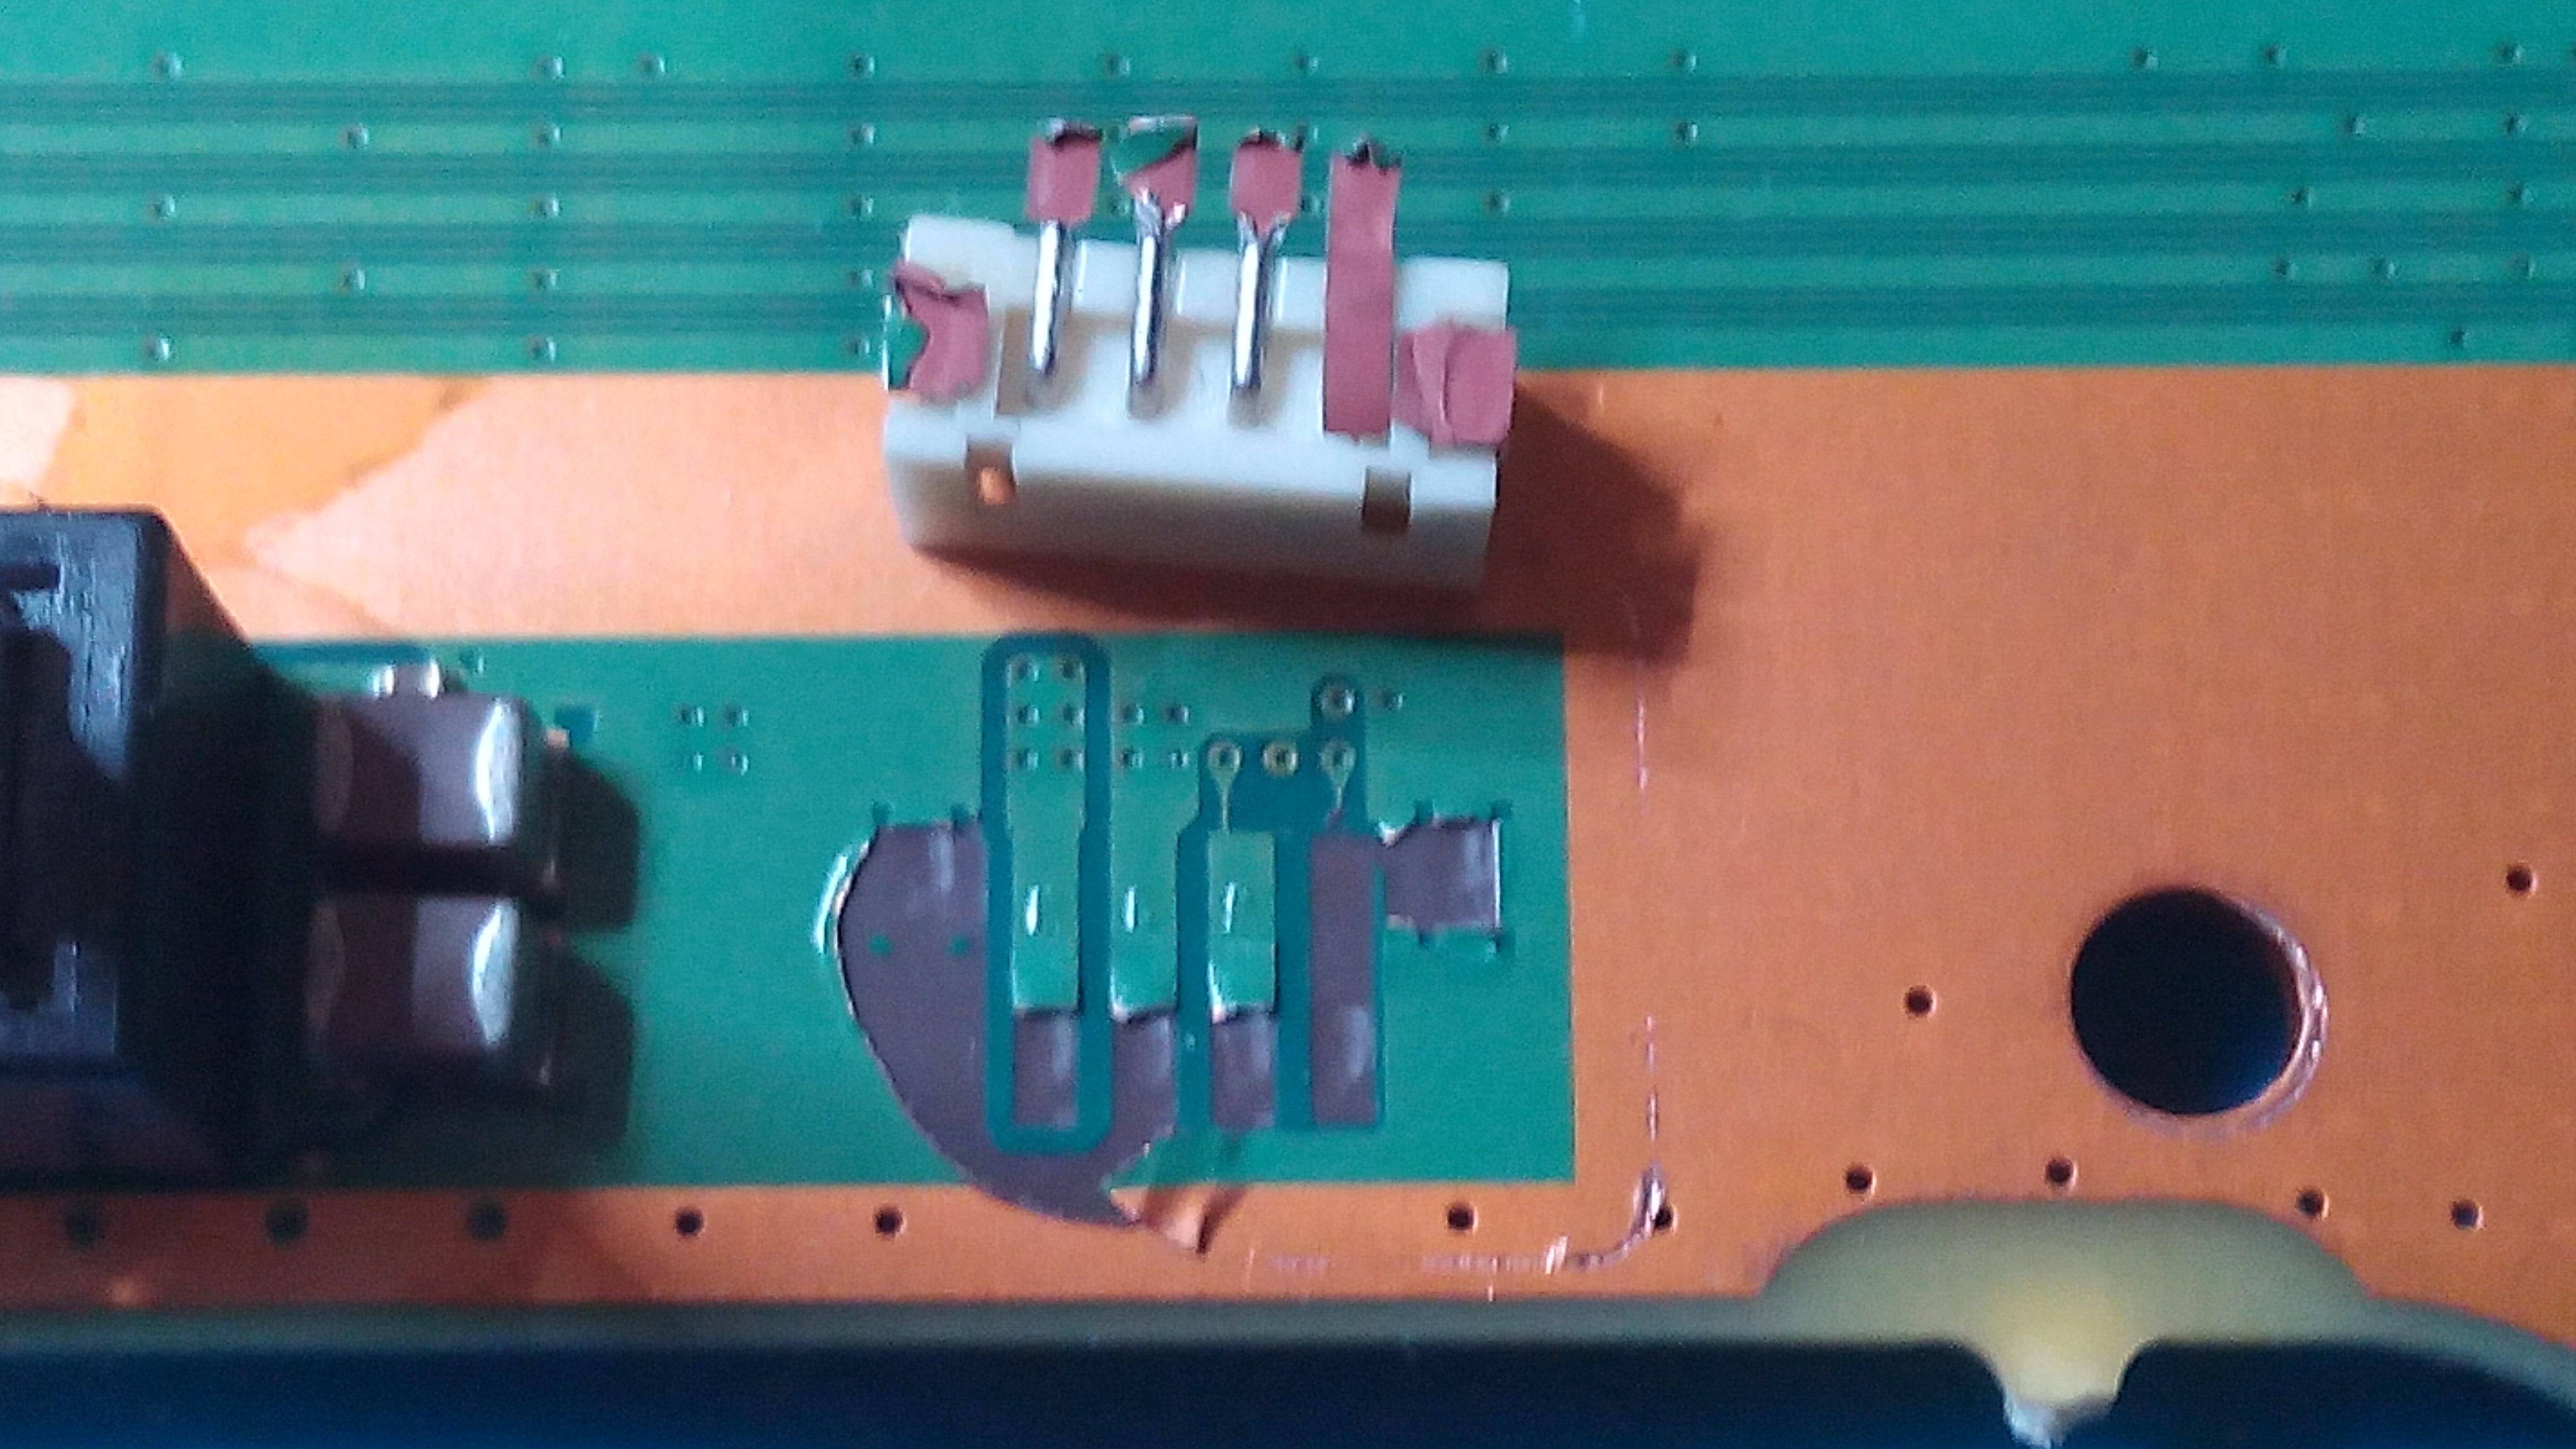 PS4 Pro Mainboard Strom Anschluss Reparatur + Liquid Metall Umbau 79,00€